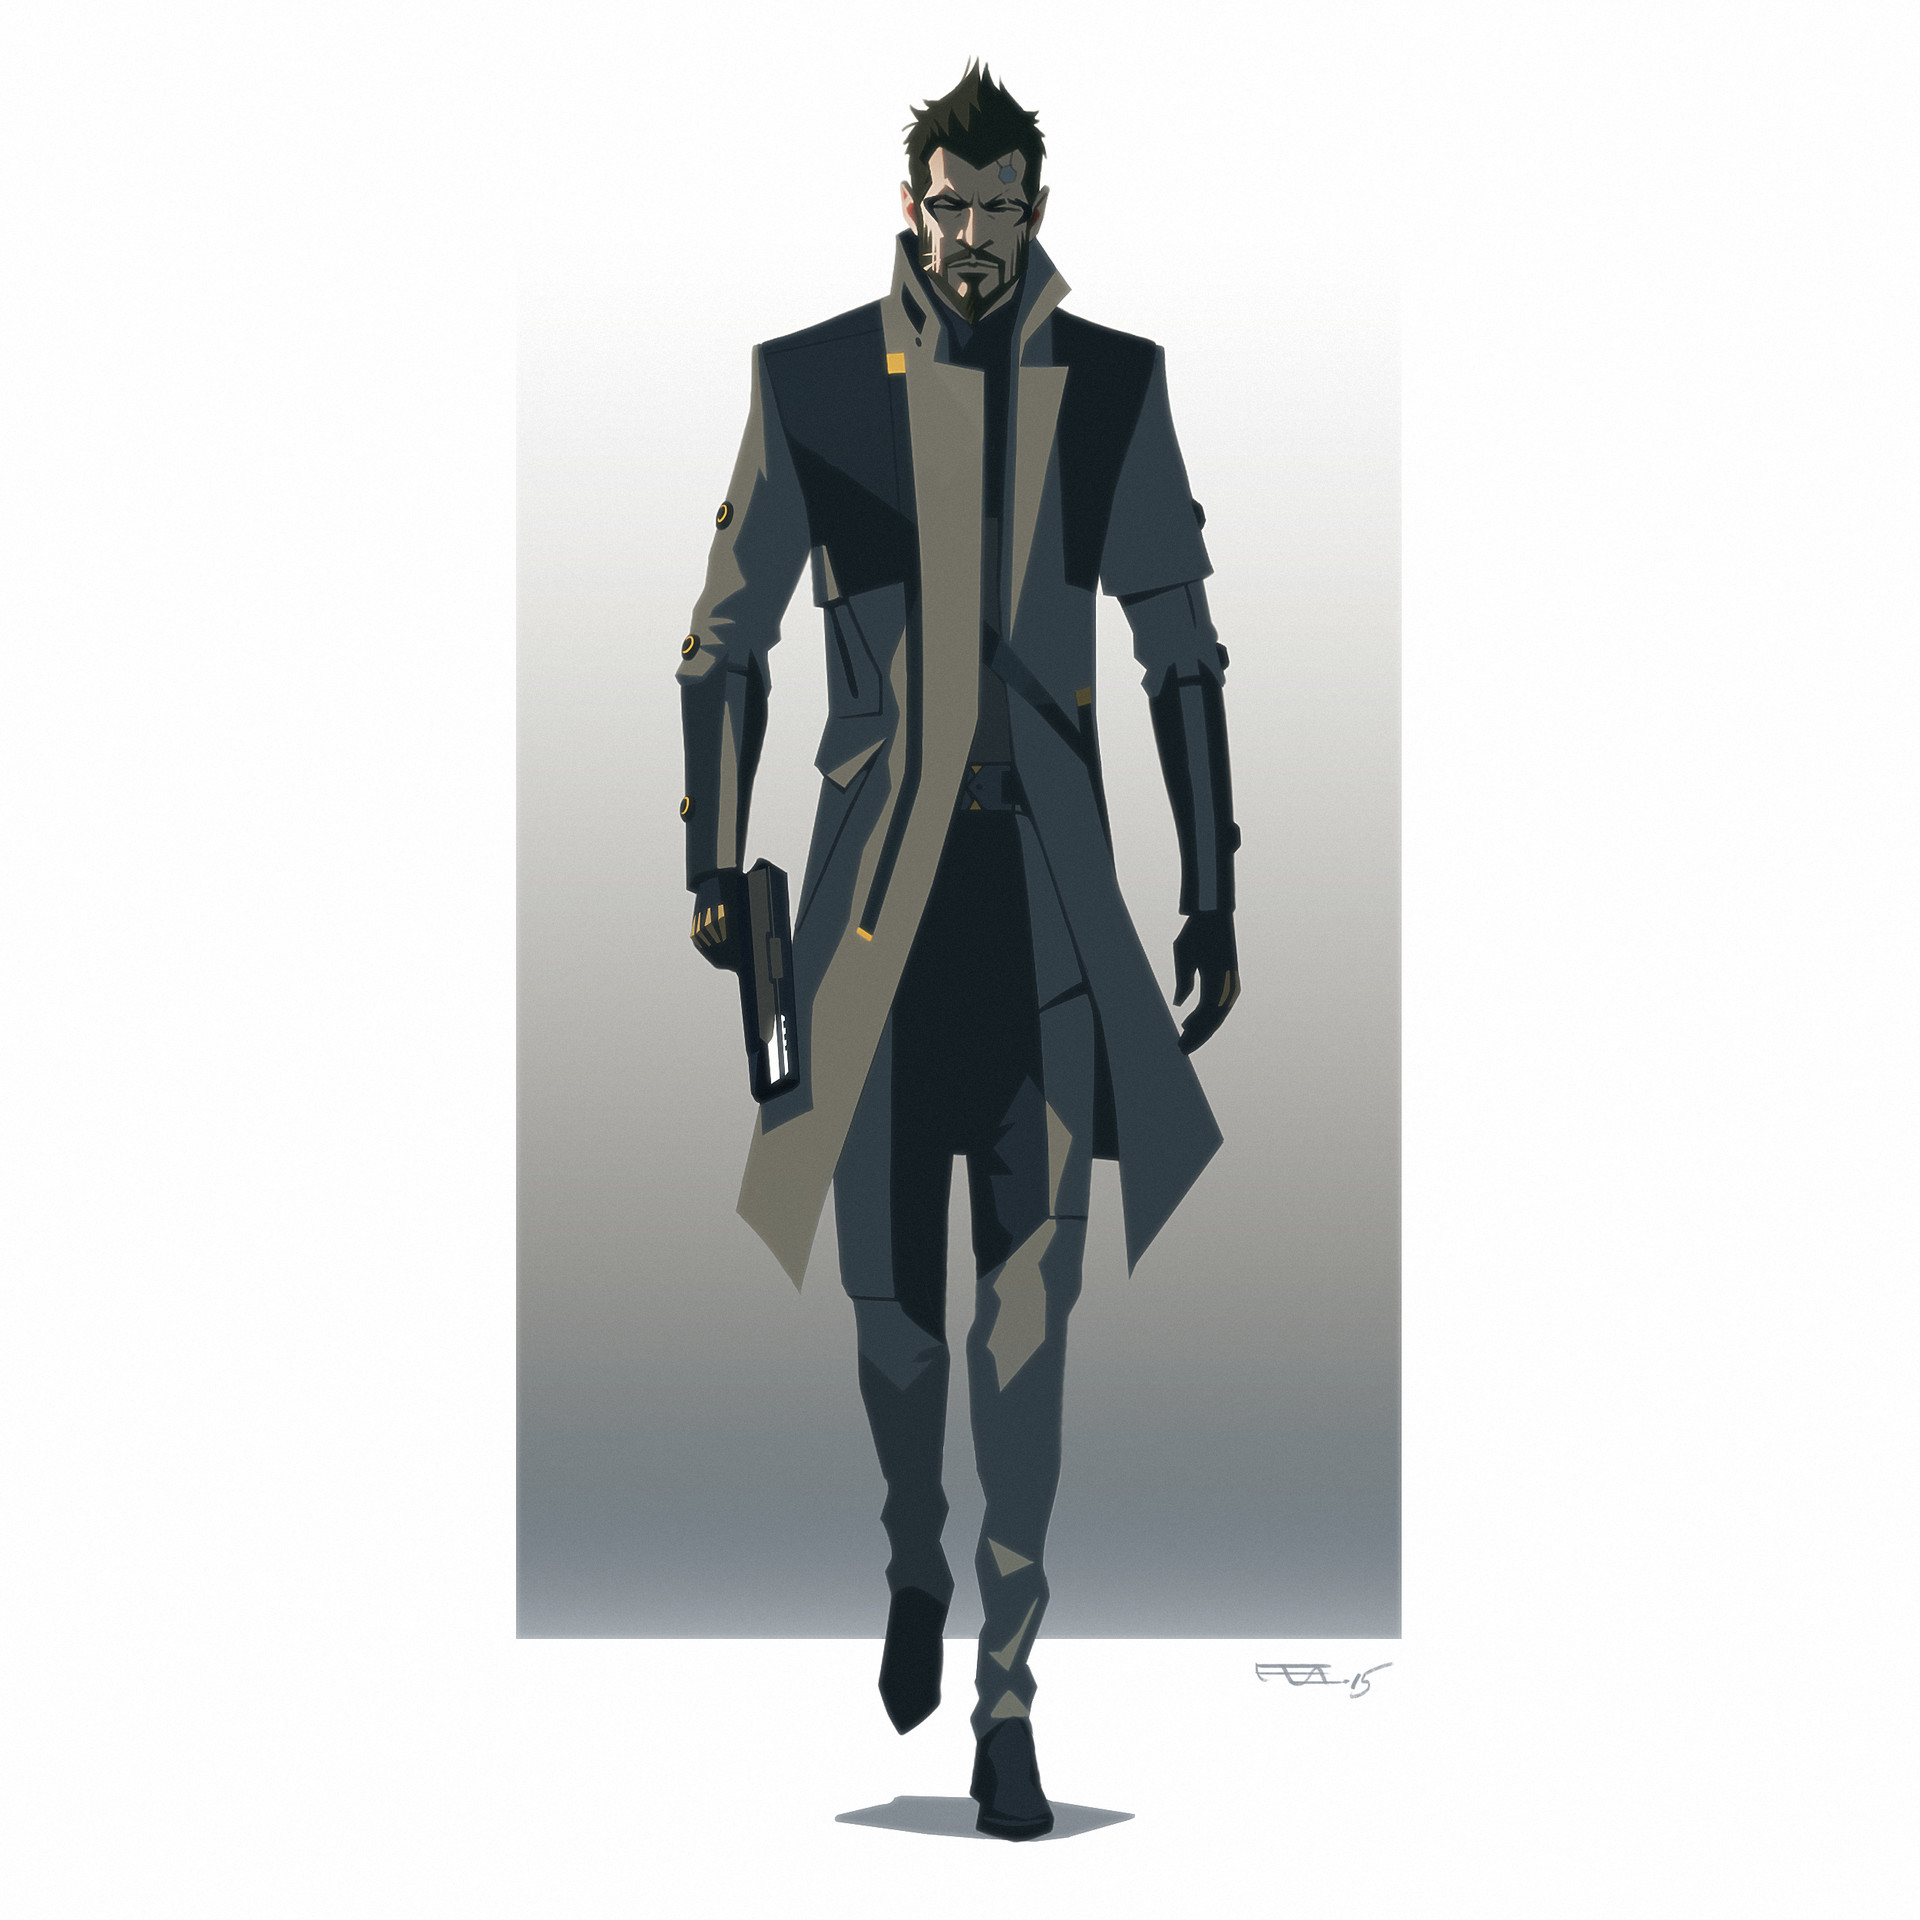 frederic-bennett-stylized-jensen-trench.jpg - Deus Ex: Mankind Divided